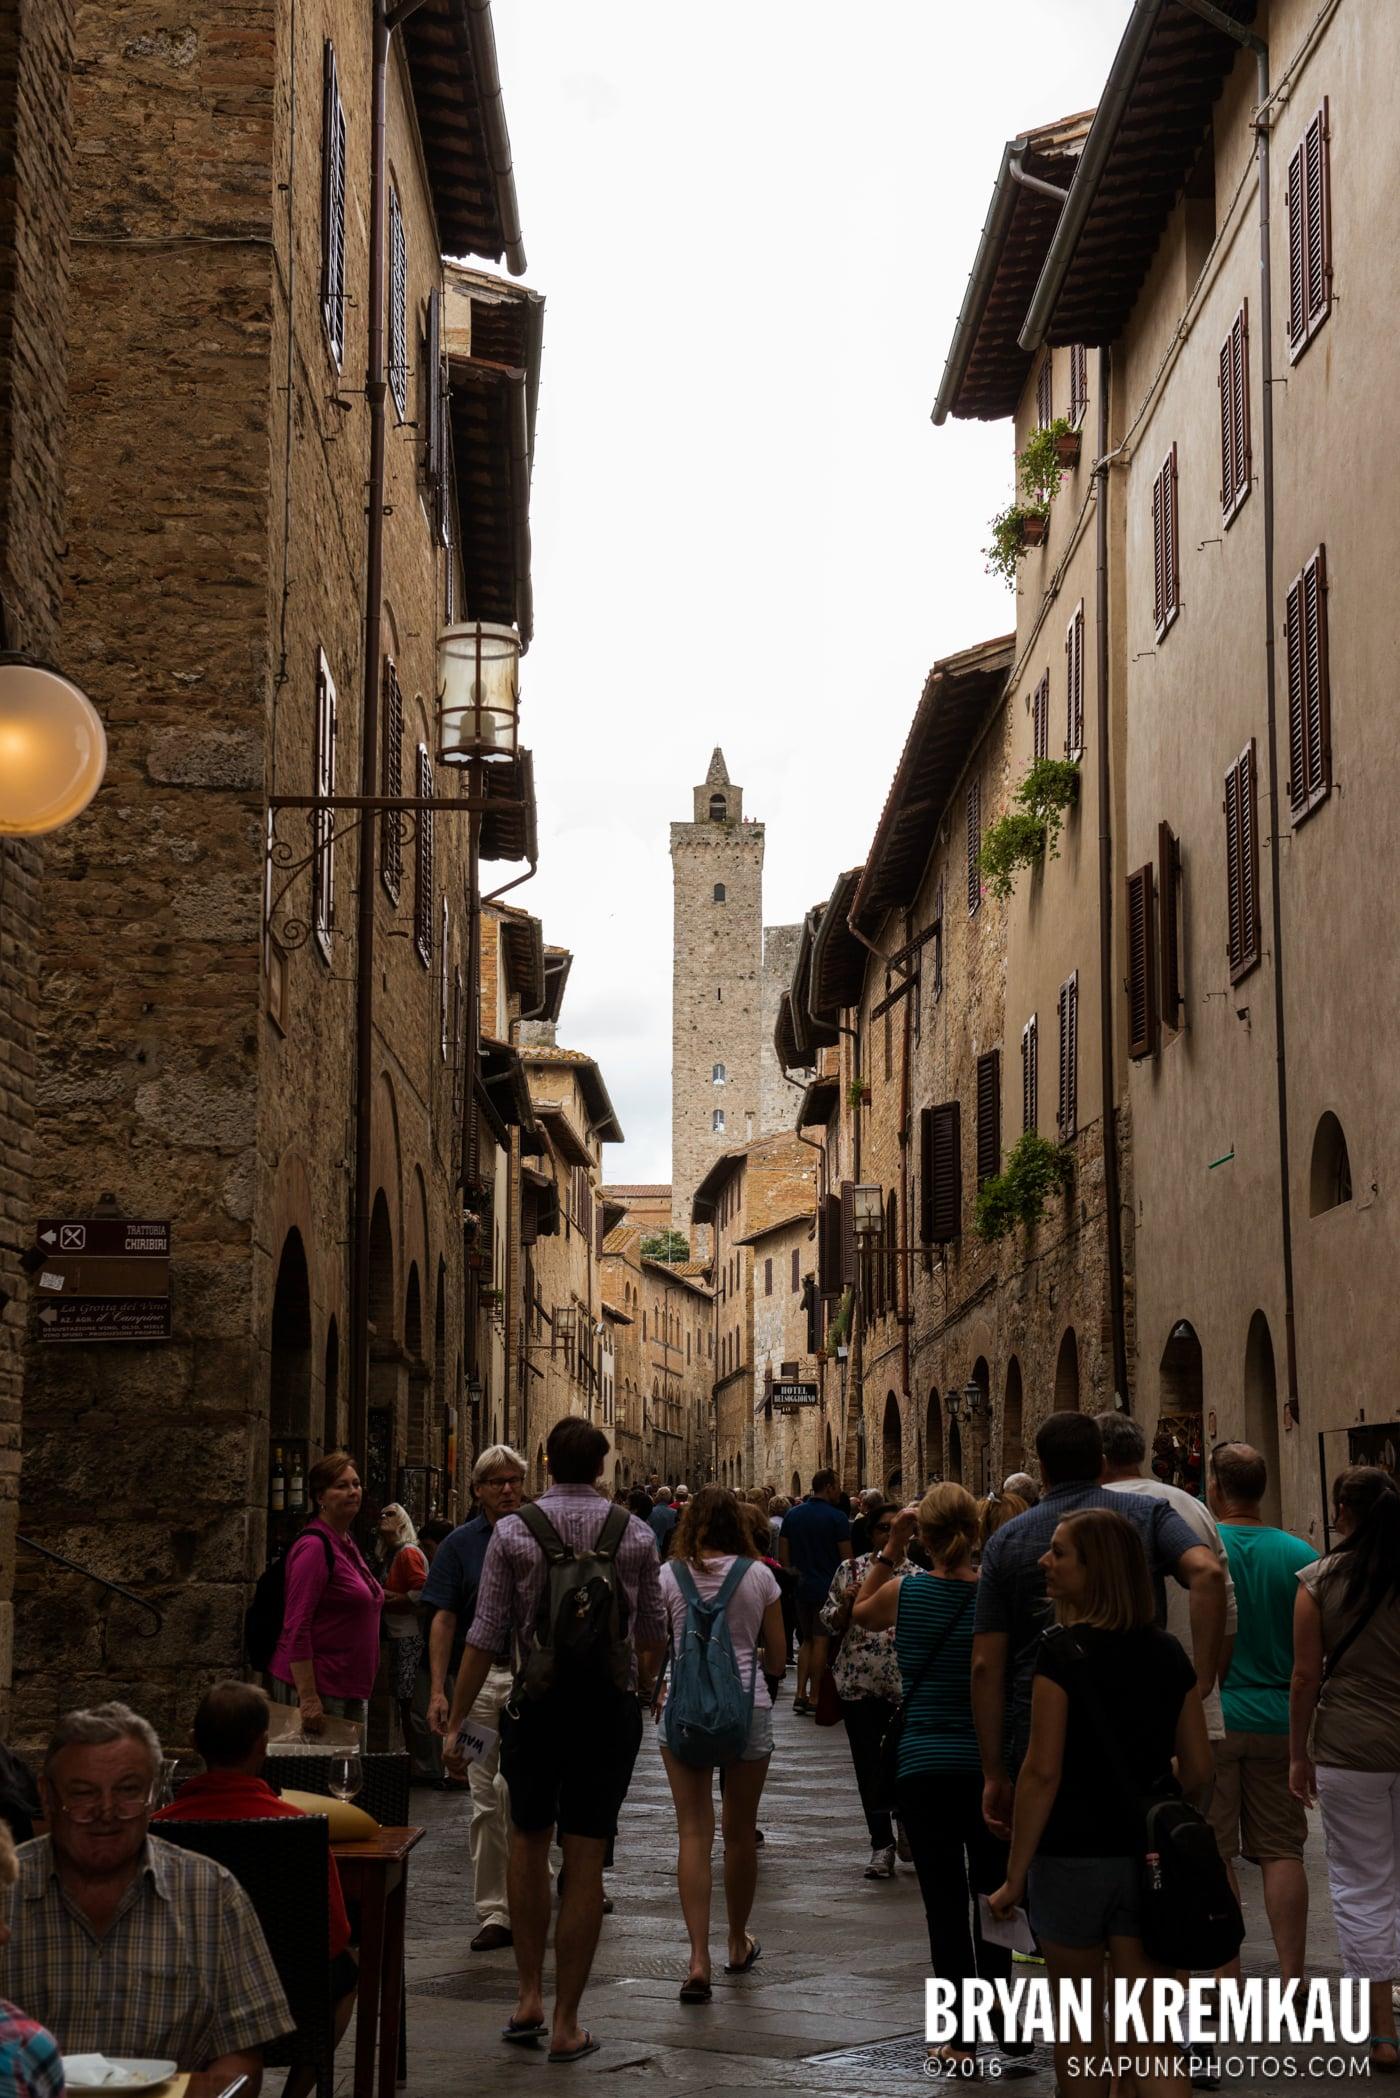 Italy Vacation - Day 8: Siena, San Gimignano, Chianti, Pisa - 9.16.13 (75)